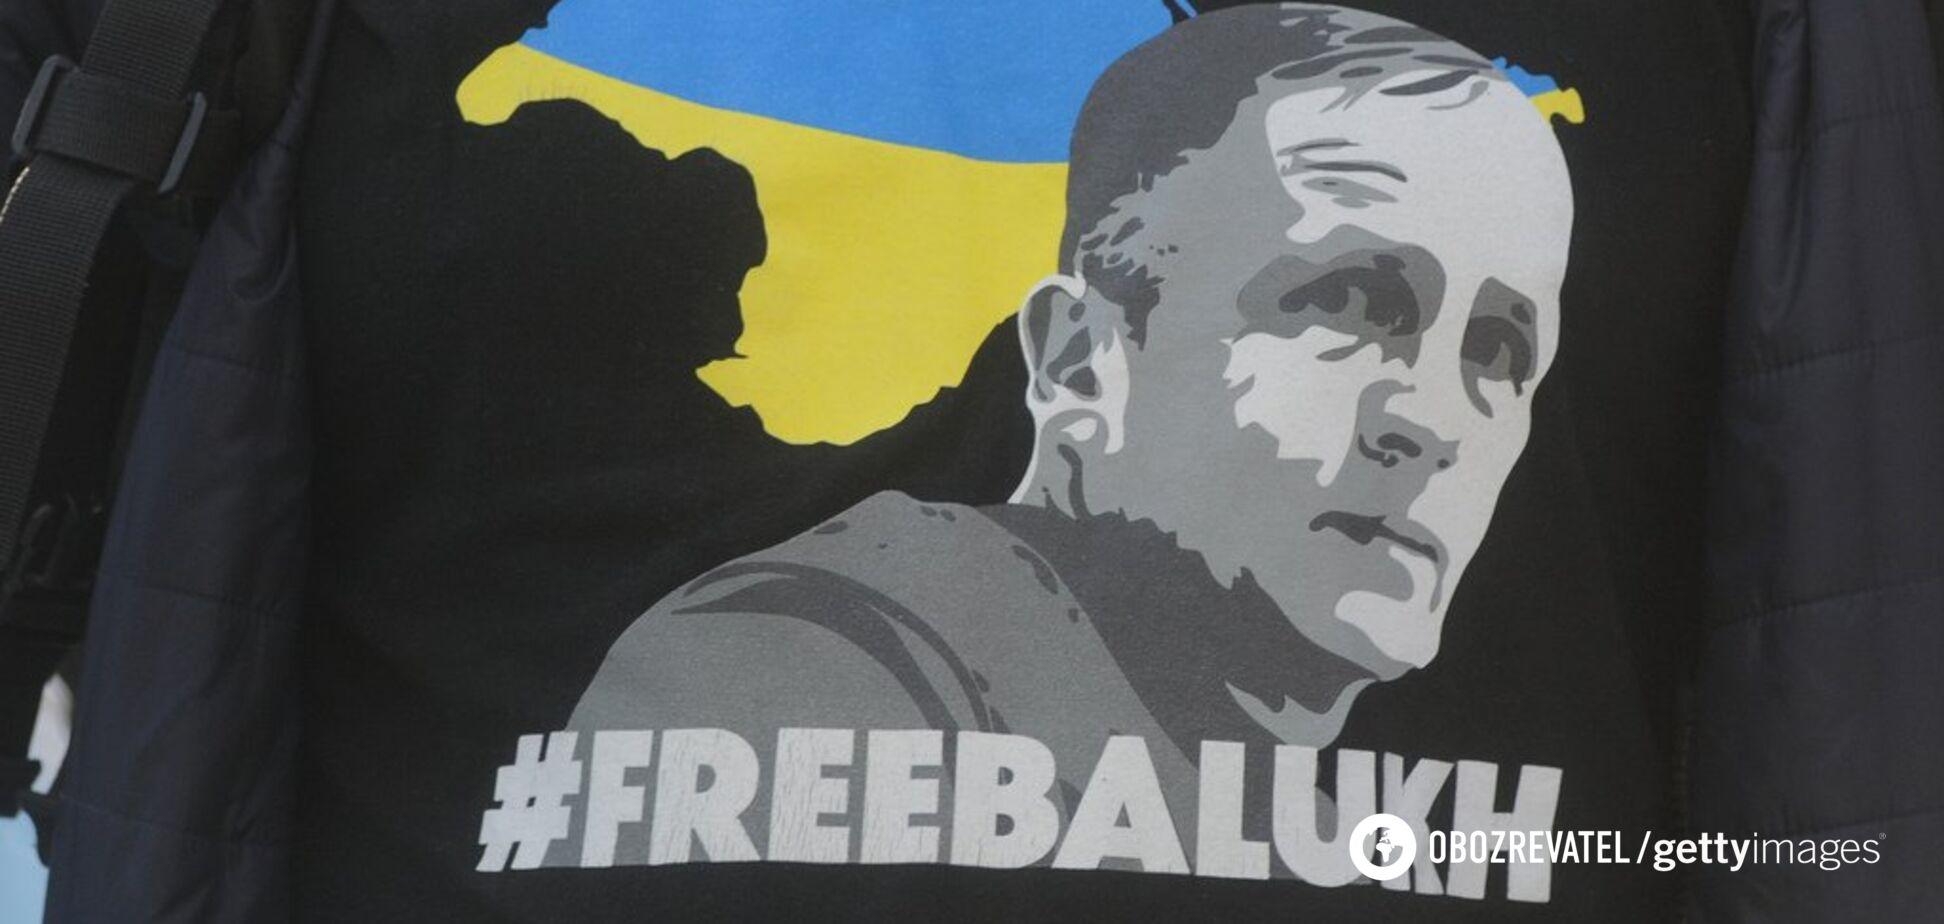 'Висмикнули без одягу!' З Криму до Росії силою вивезли українського активіста